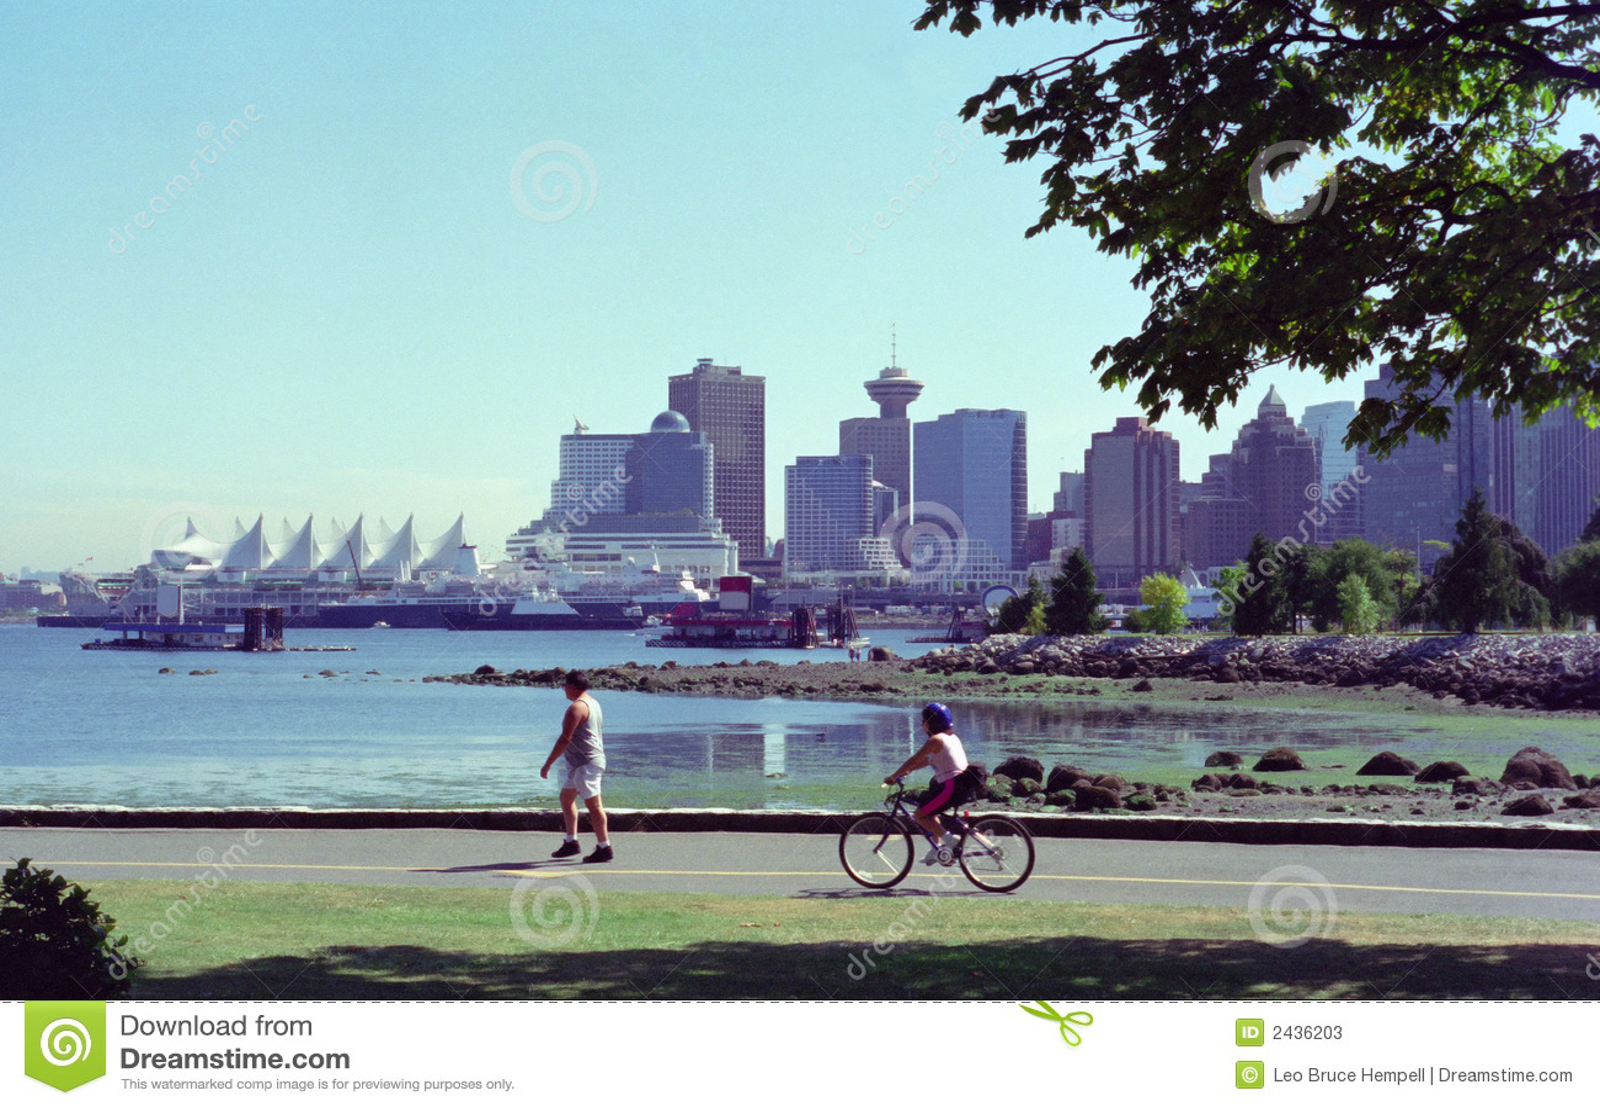 Vancouver Harbor British Columbia Canada